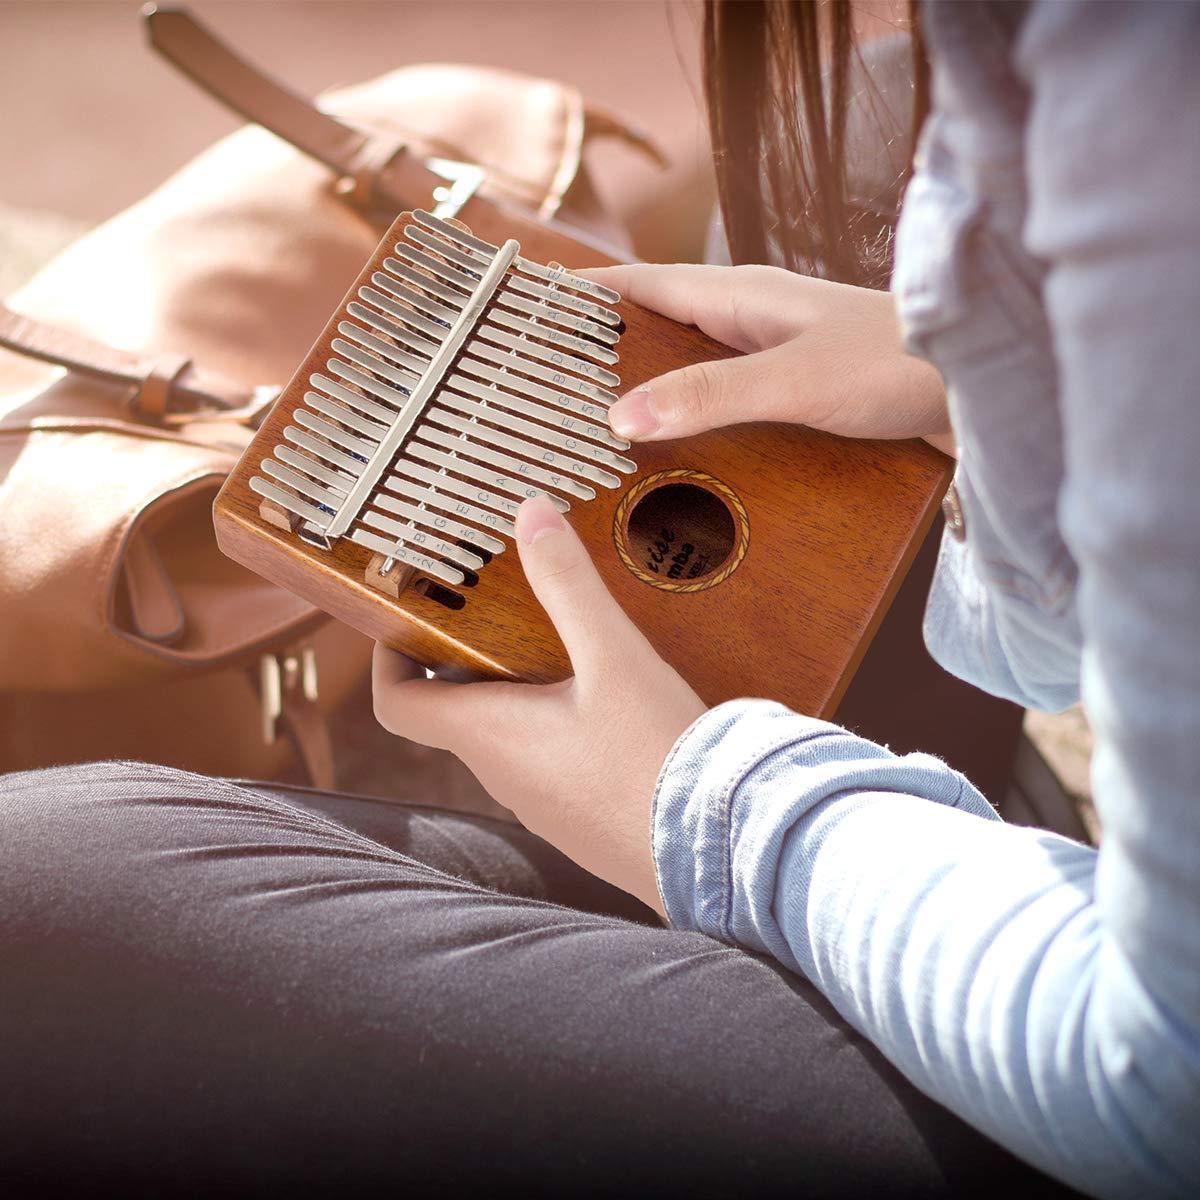 Kalimba 17 Key Finger Piano Marib Mahogany with Padded Gig Bag Tuner Hammer By Kmise by Kmise (Image #9)